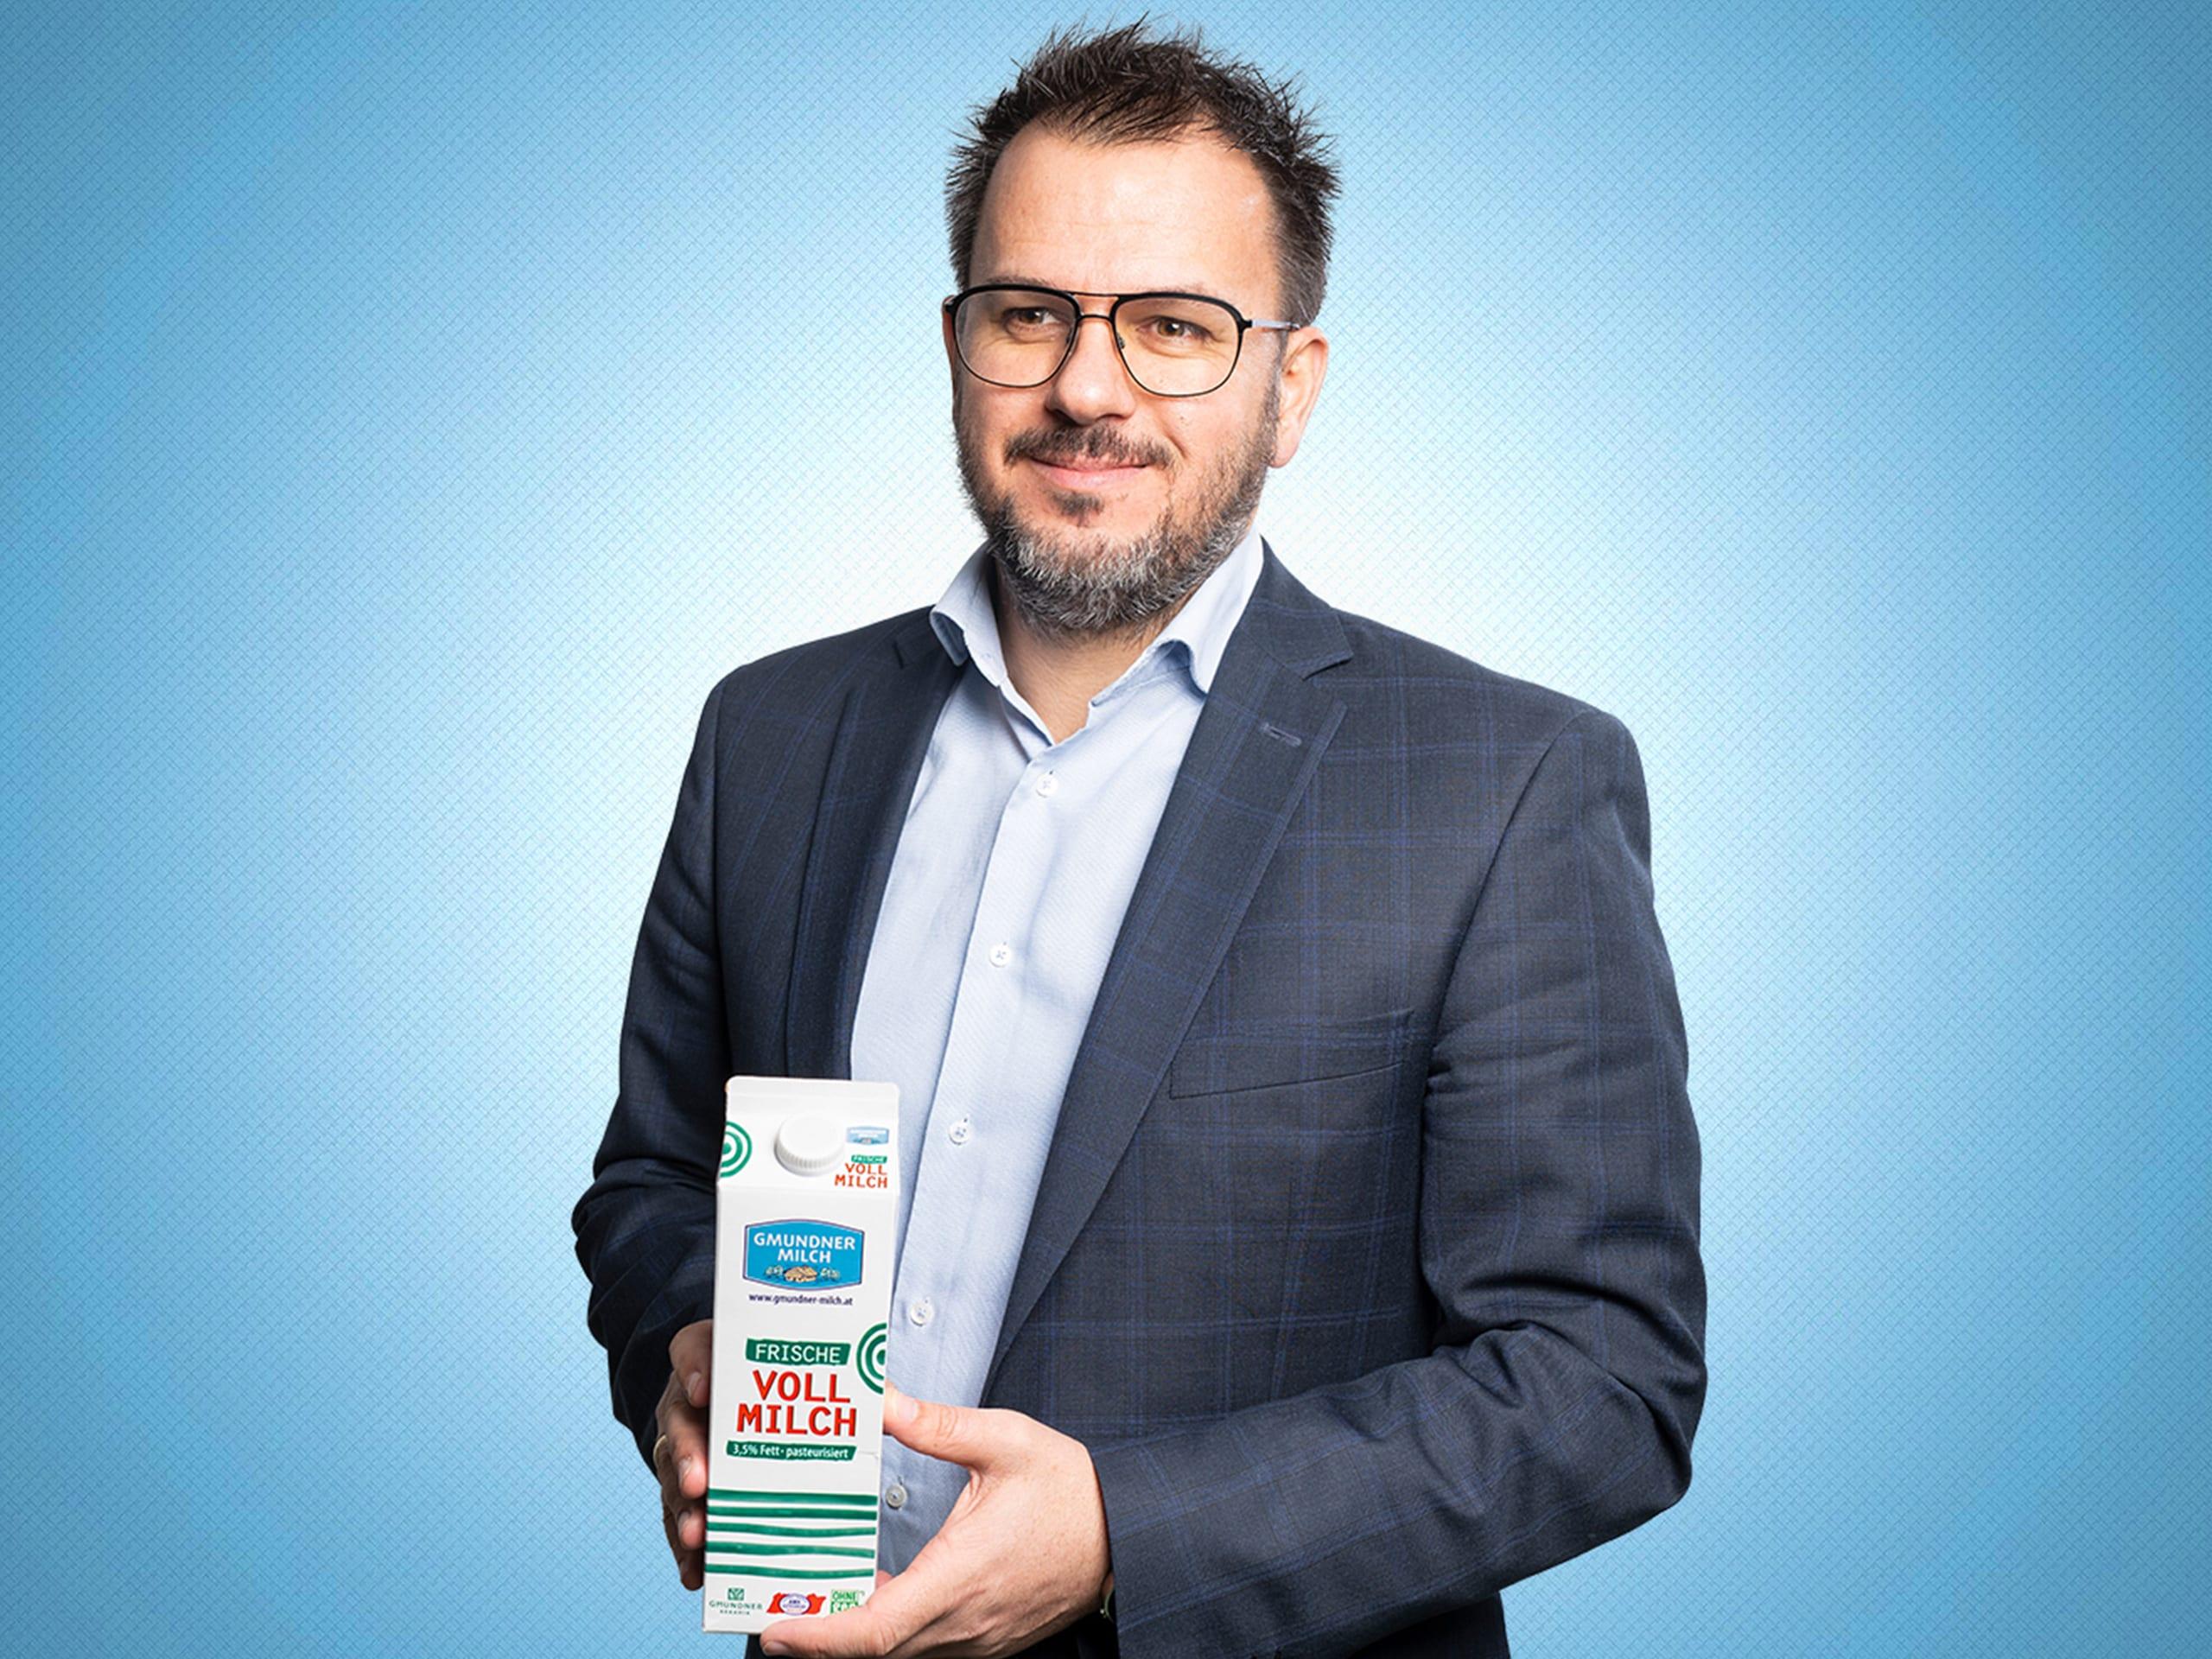 Marketing_Braun_GmundnerMilch